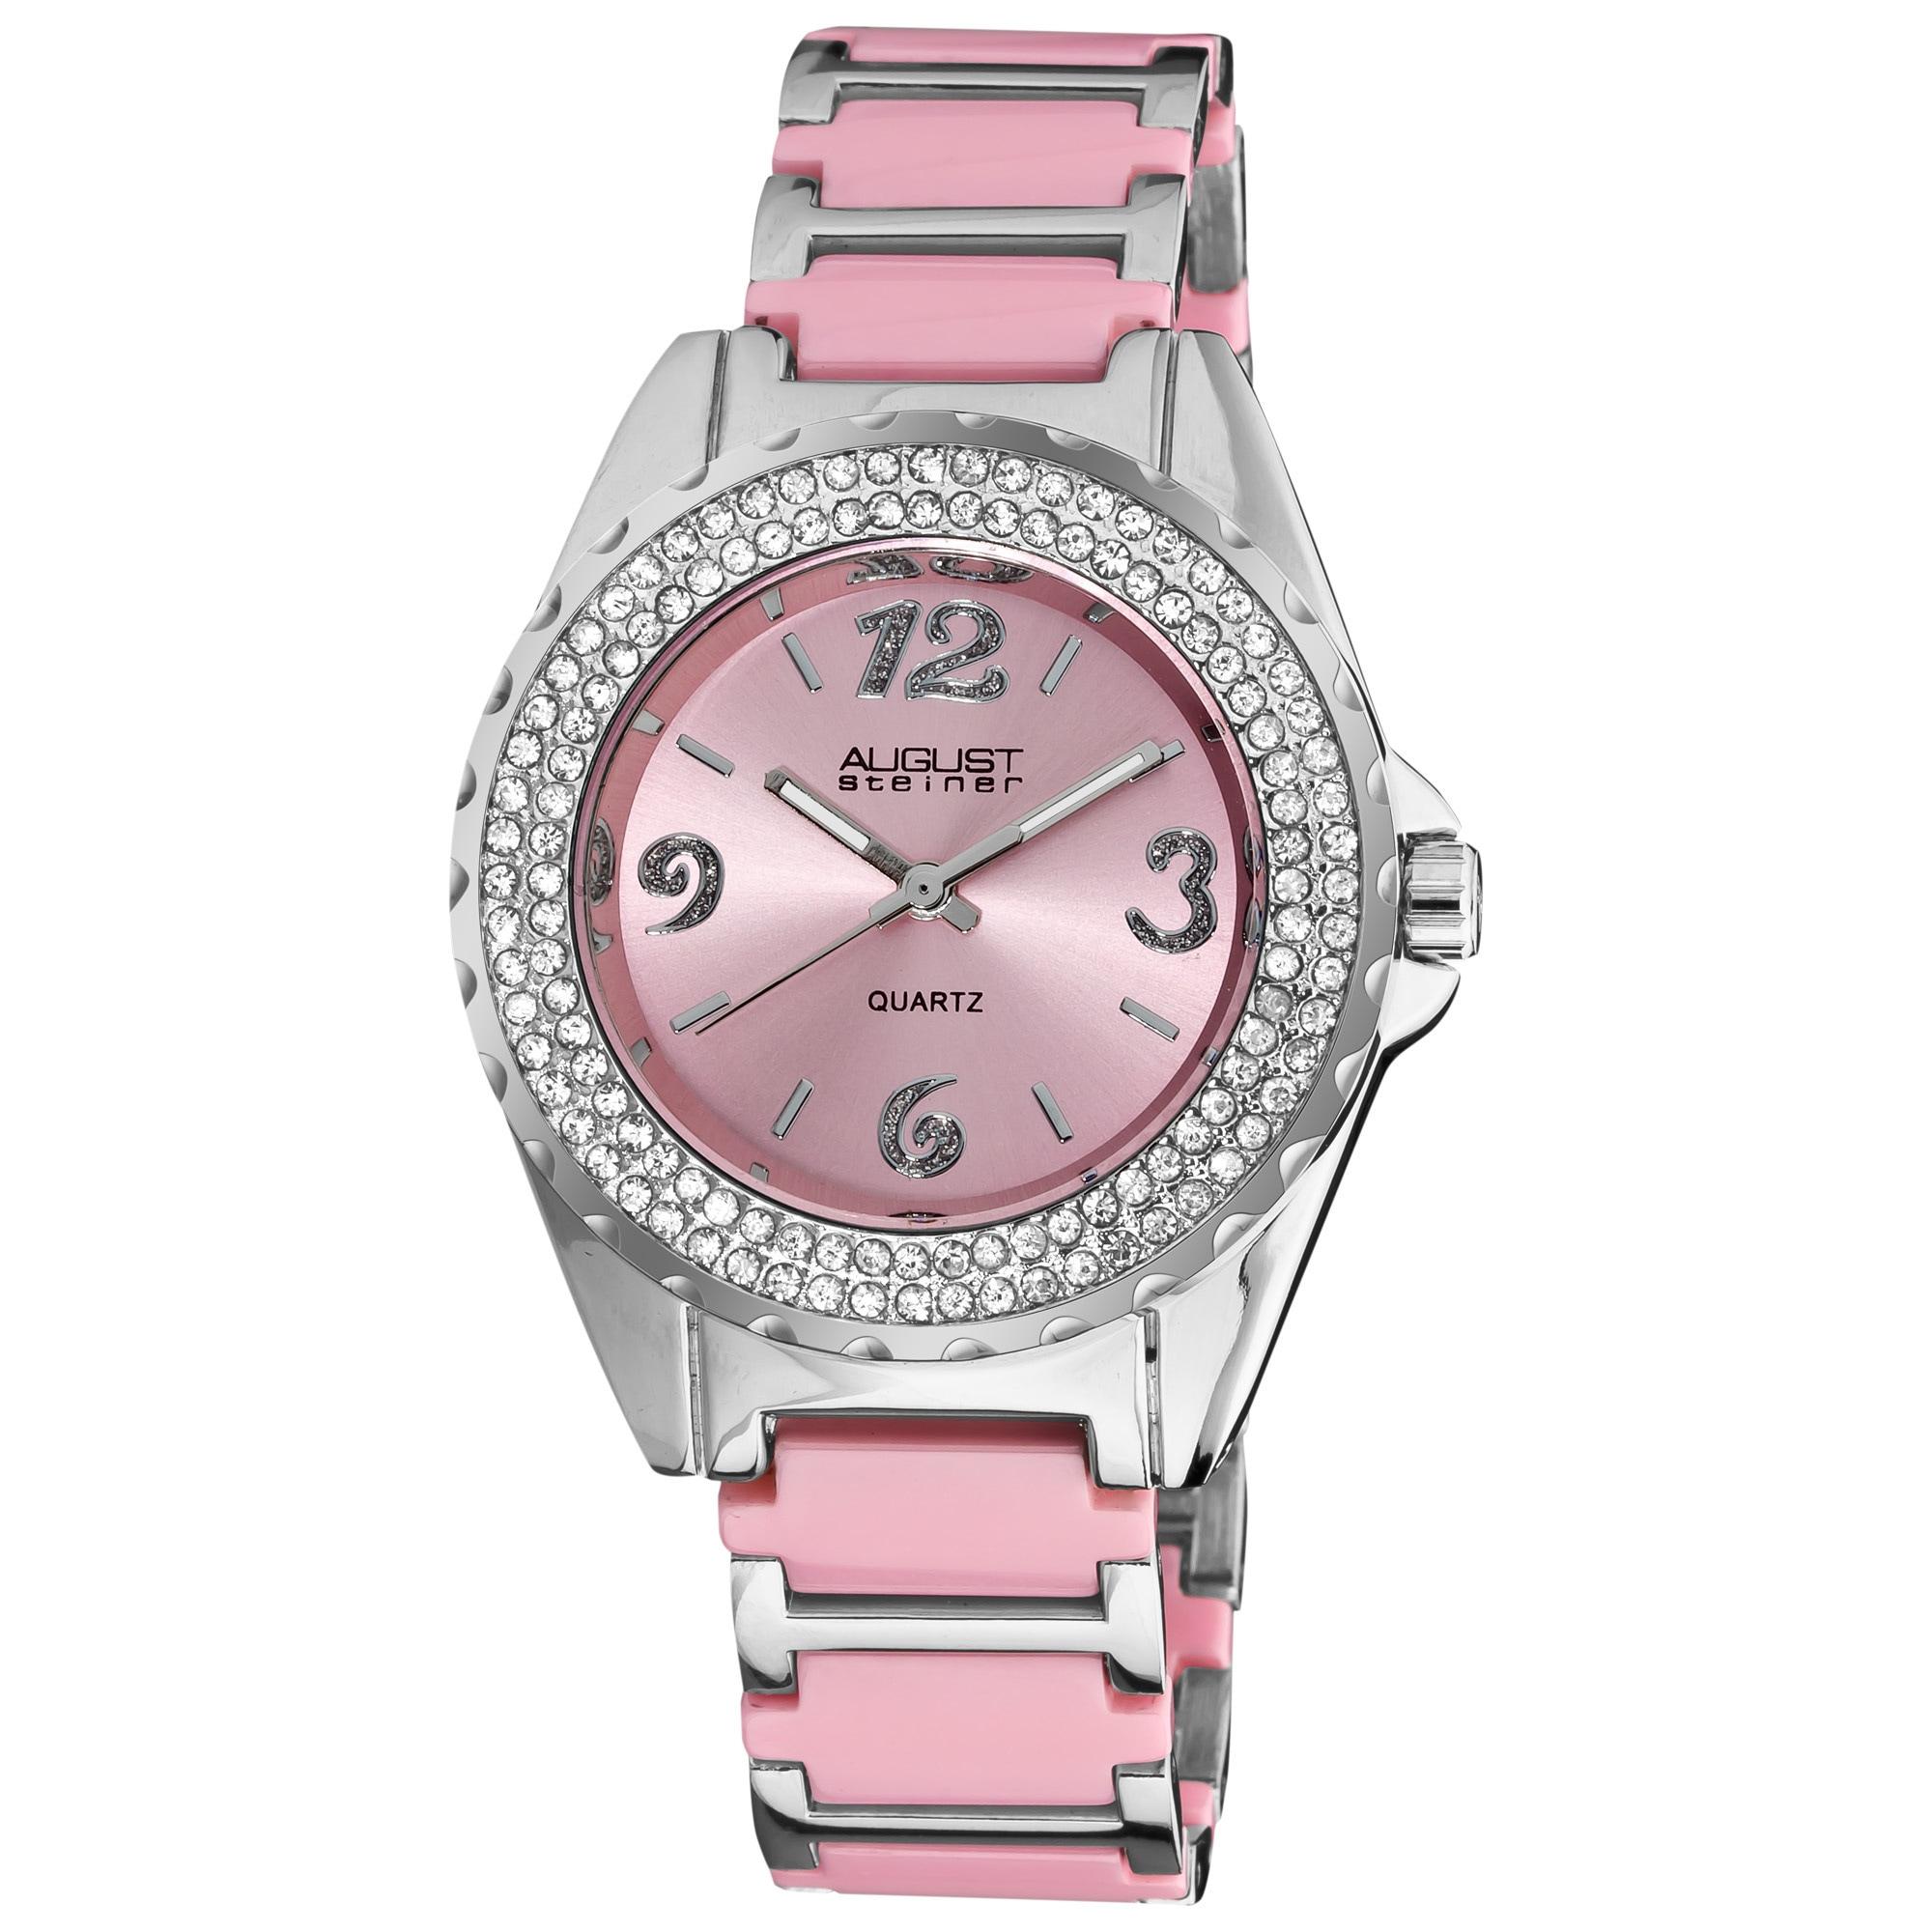 August Steiner Women's Quartz Crystal Ceramic Pink Bracel...